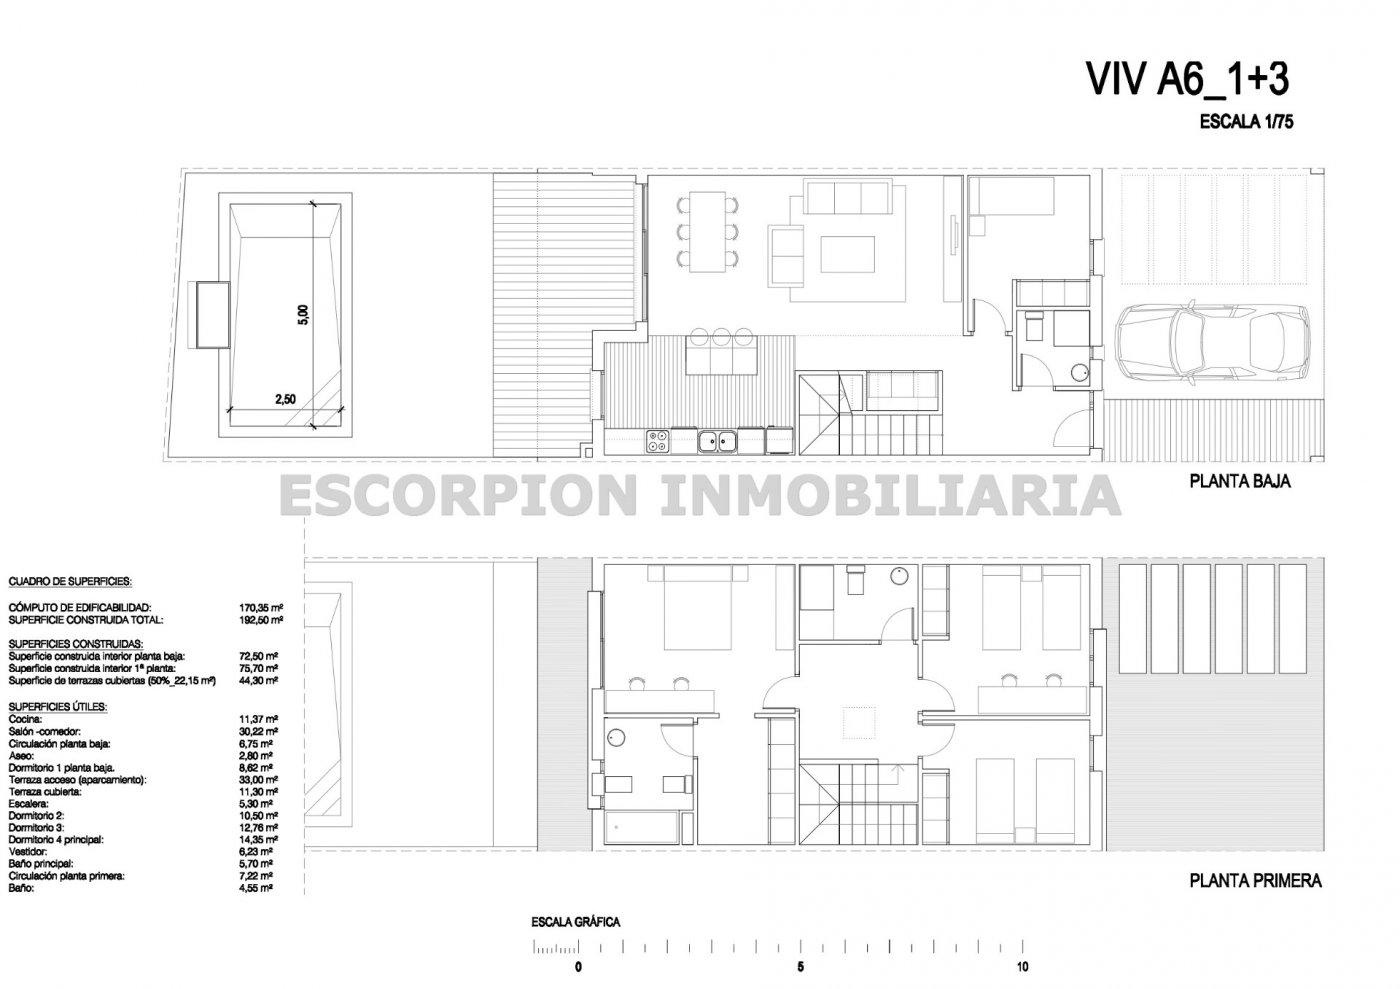 ¡ULTIMO ADOSADO! Promoción obra nueva adosados en el sector R7 de Bétera, junto a Torre en Conill 8